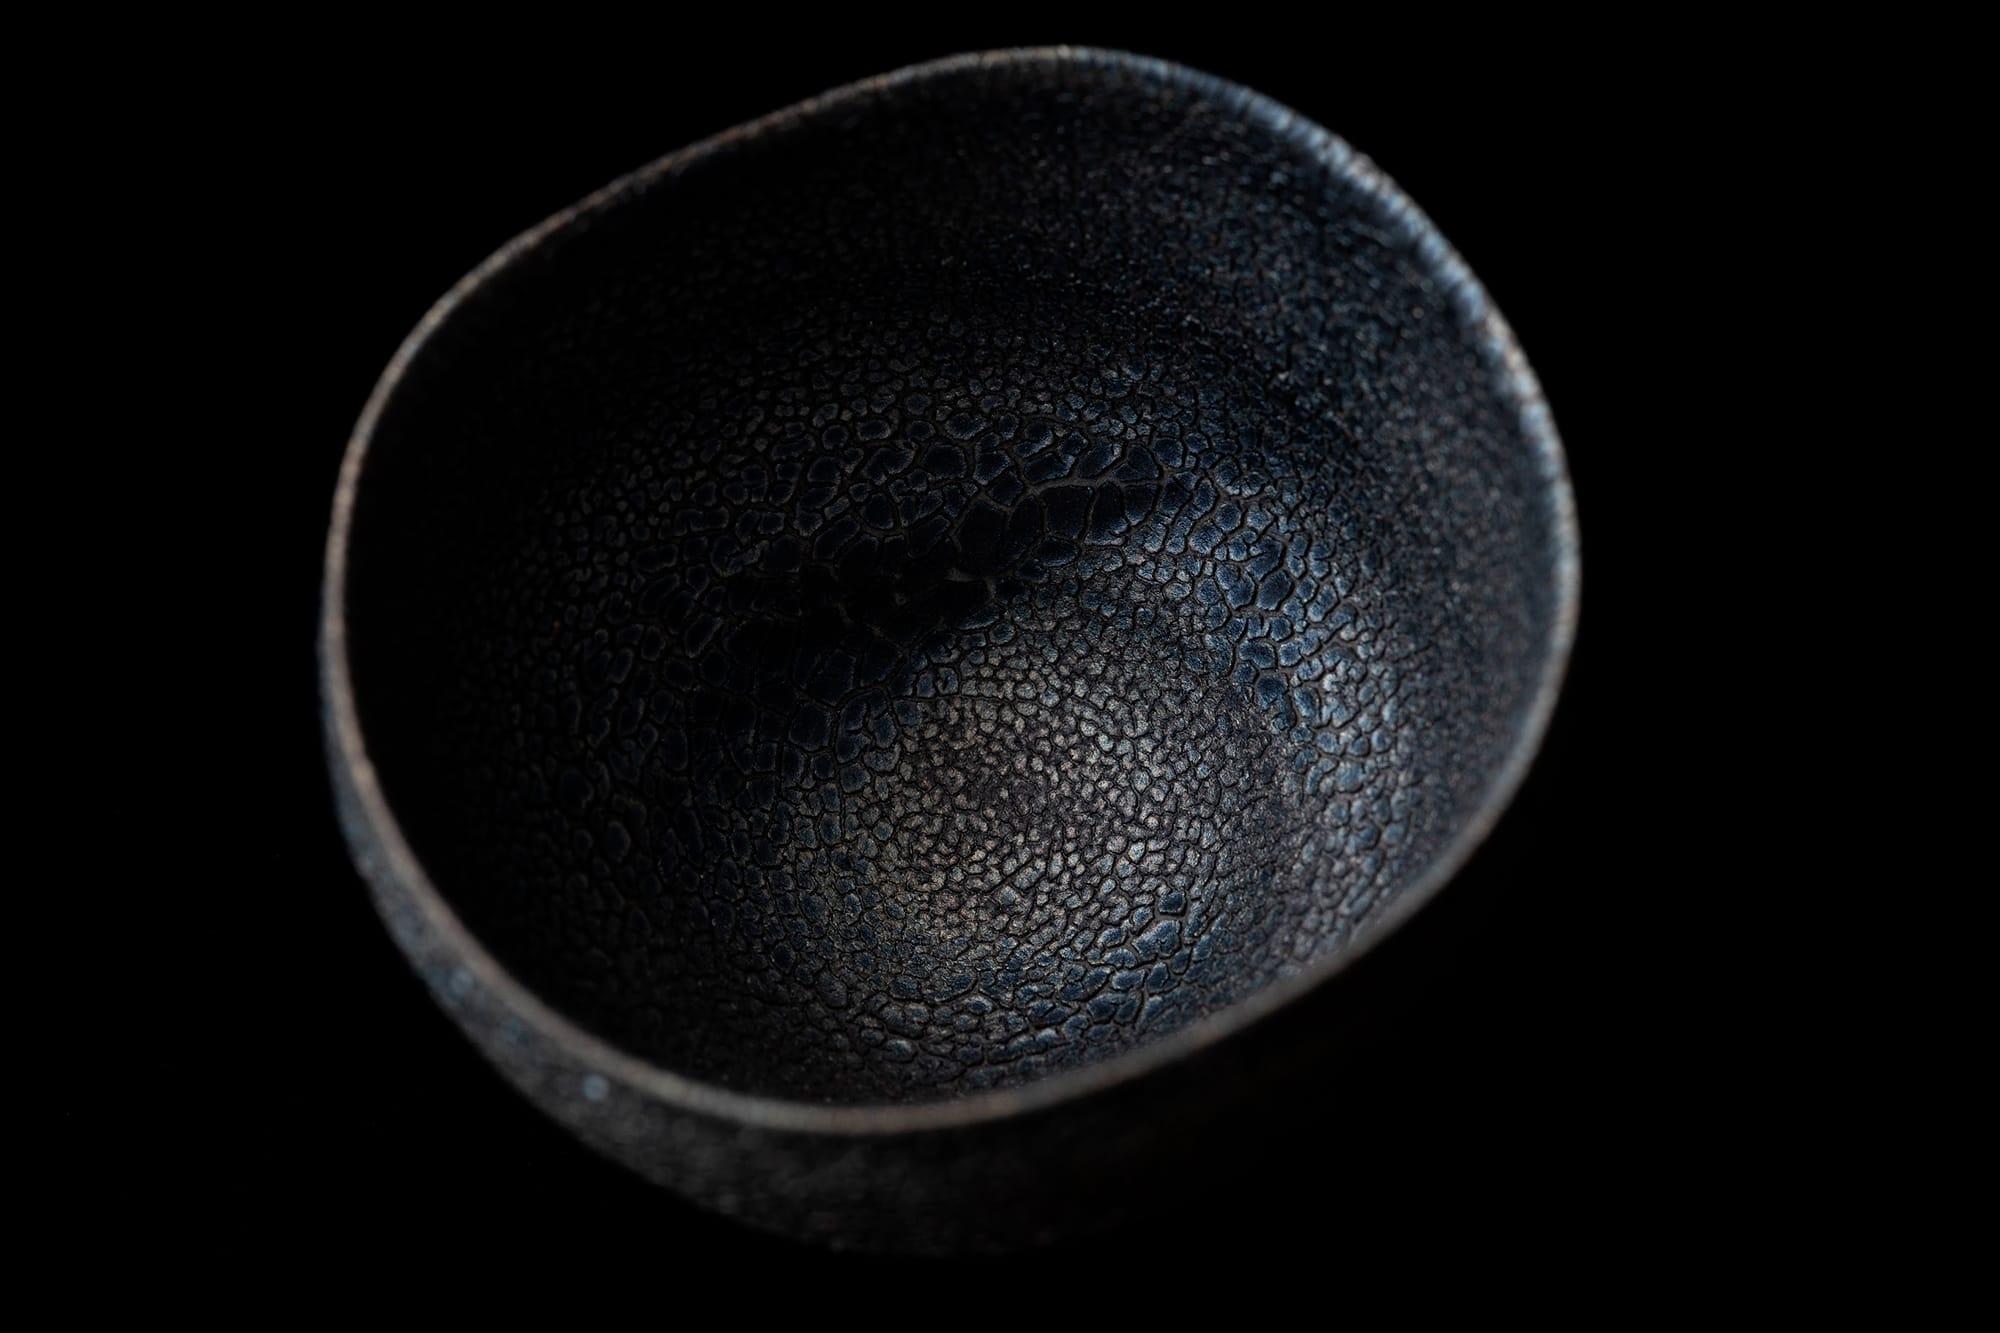 釉薬が蛇の鱗のようにひび割れ青黒く光る。大蔵寂土窯変碗。2019年制作 ギャラリー册にて展示。Photography by Ikeda Yuichi